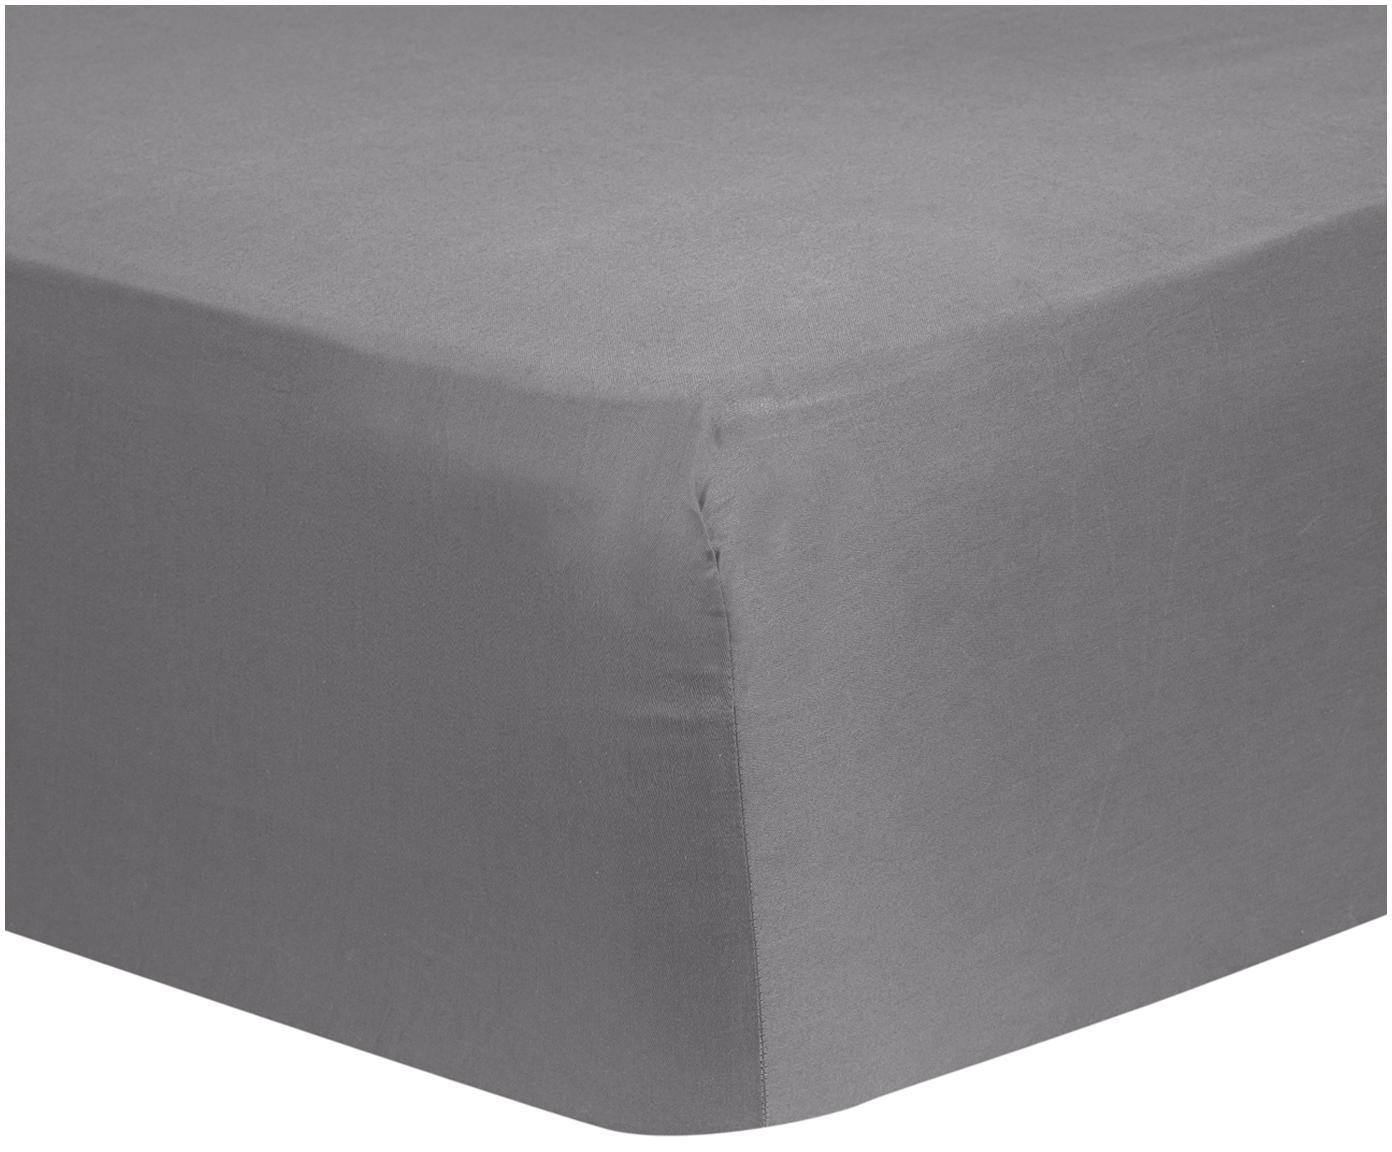 Spannbettlaken Comfort, Baumwollsatin, Webart: Satin, leicht glänzend, Dunkelgrau, 90 x 200 cm